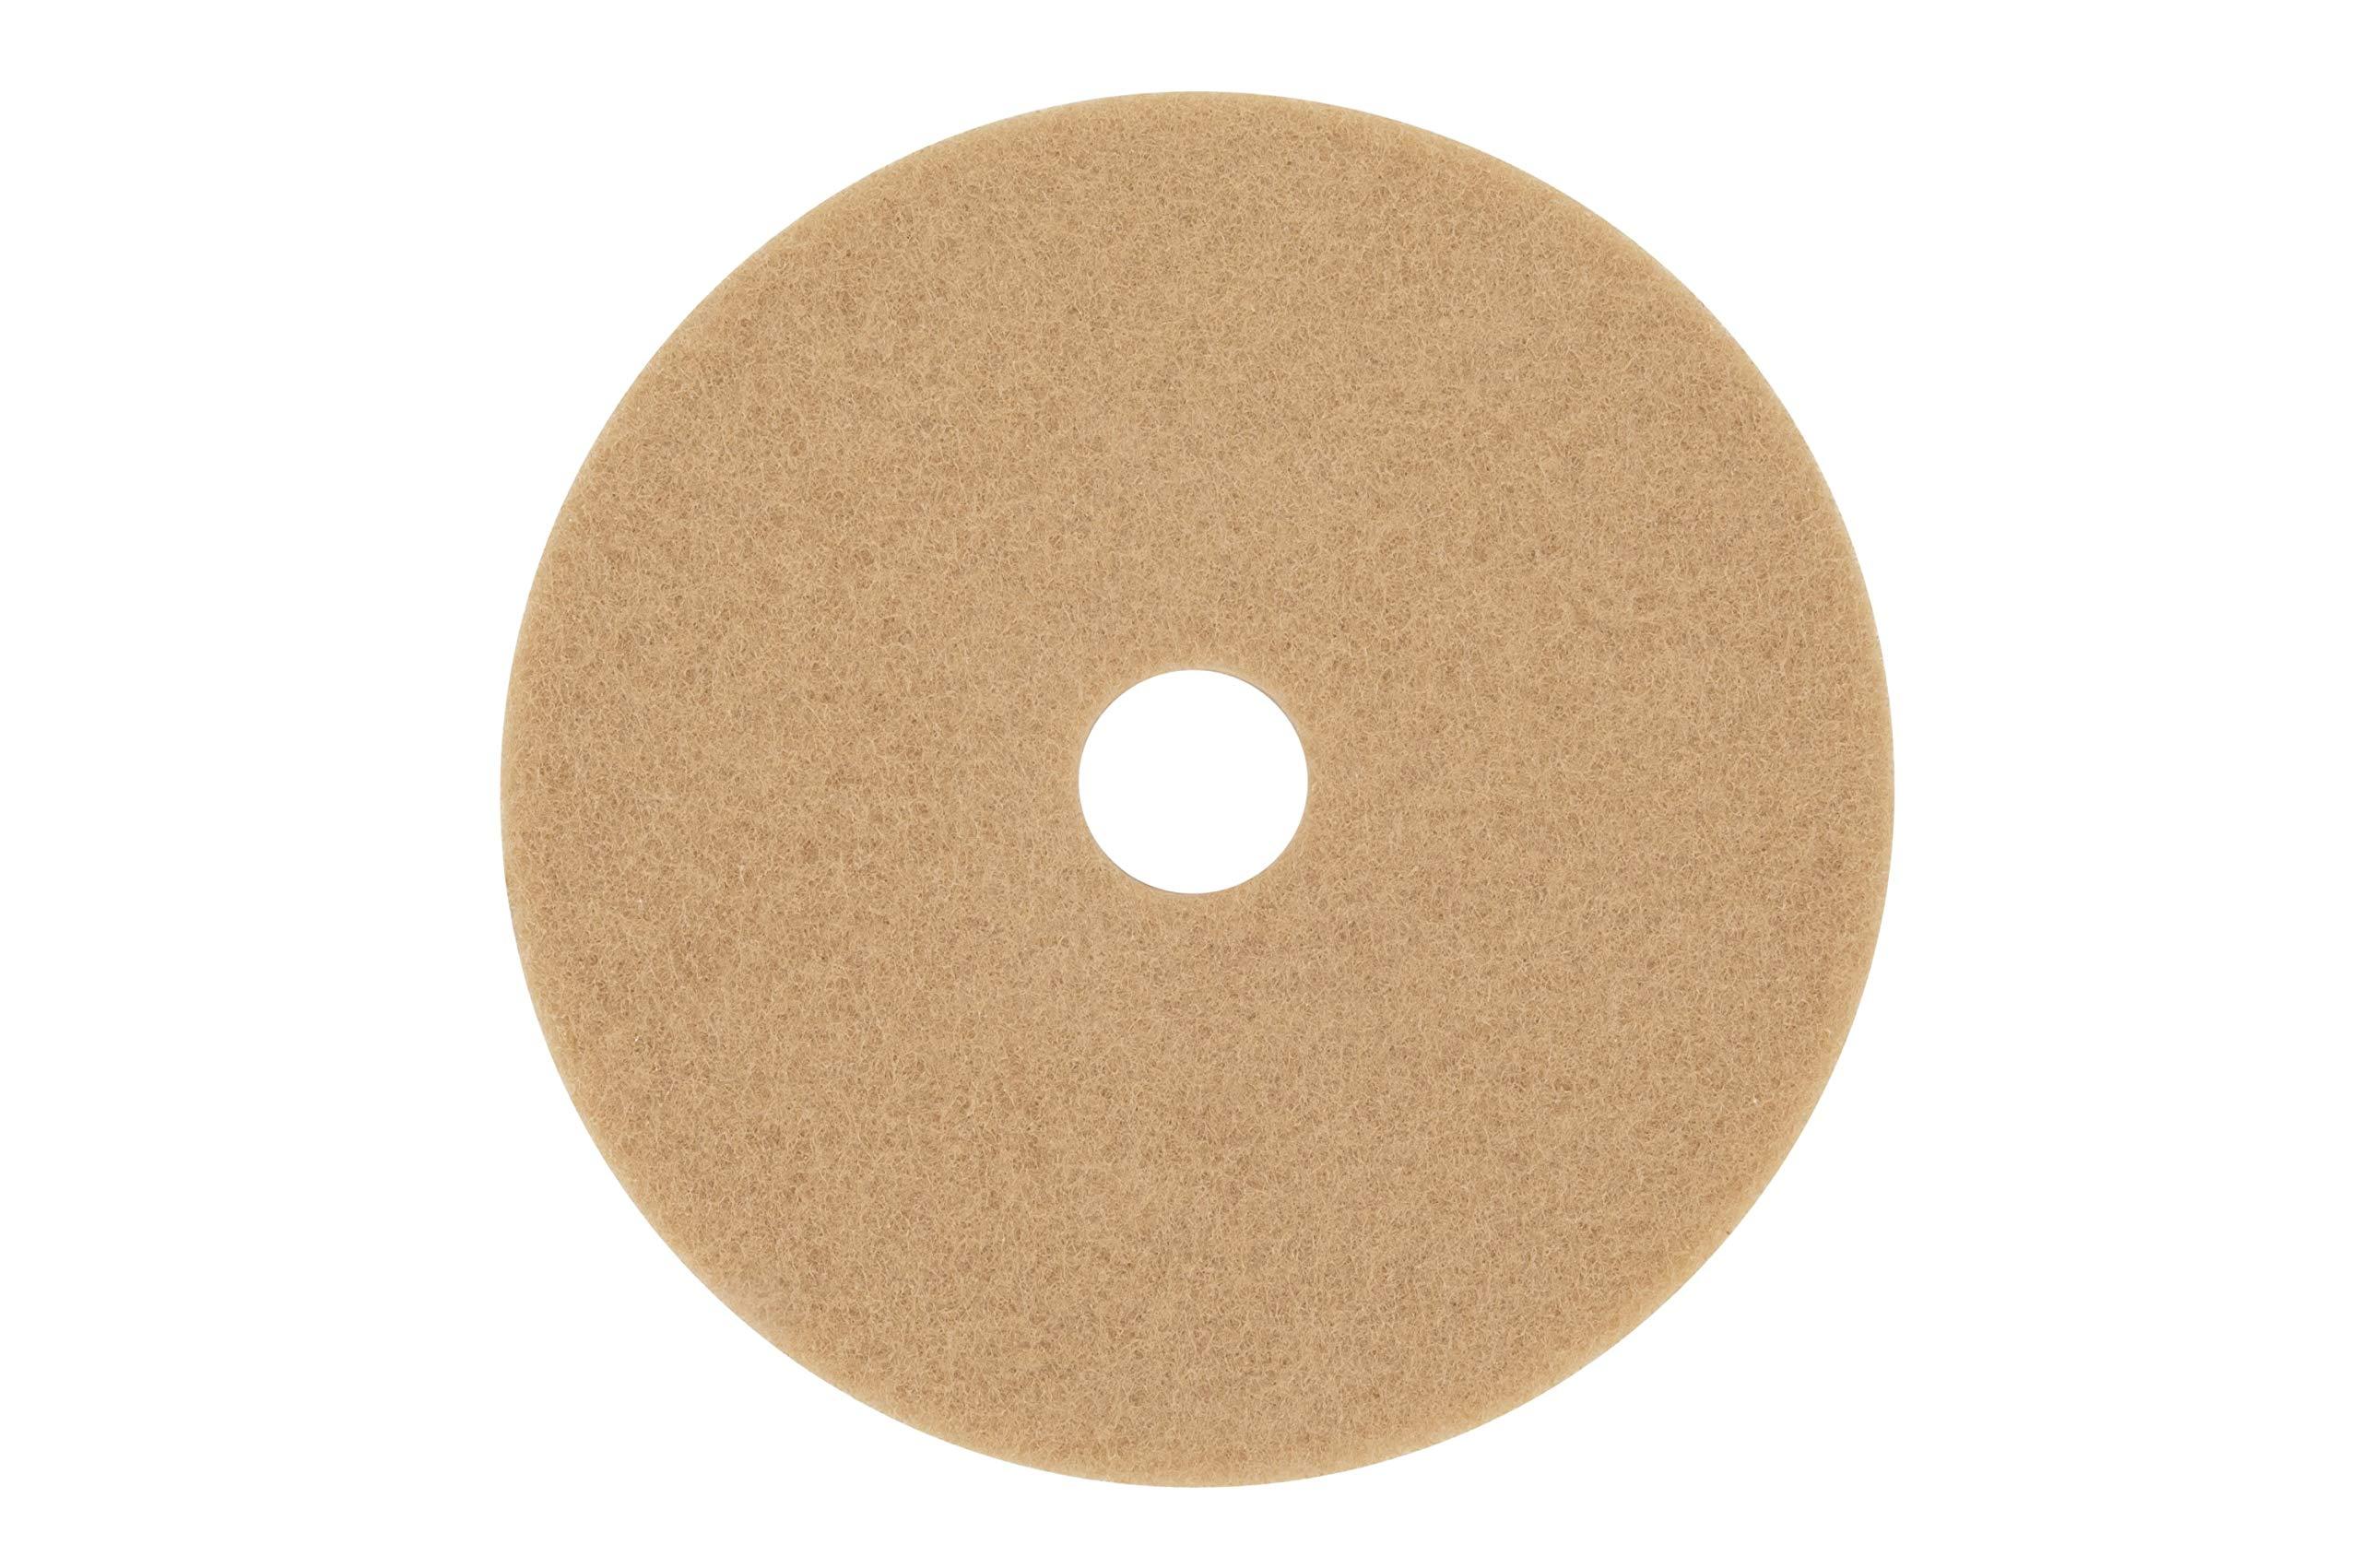 3M Tan Burnish Pad 3400, 20'' Floor Care Pad (Case of 5)